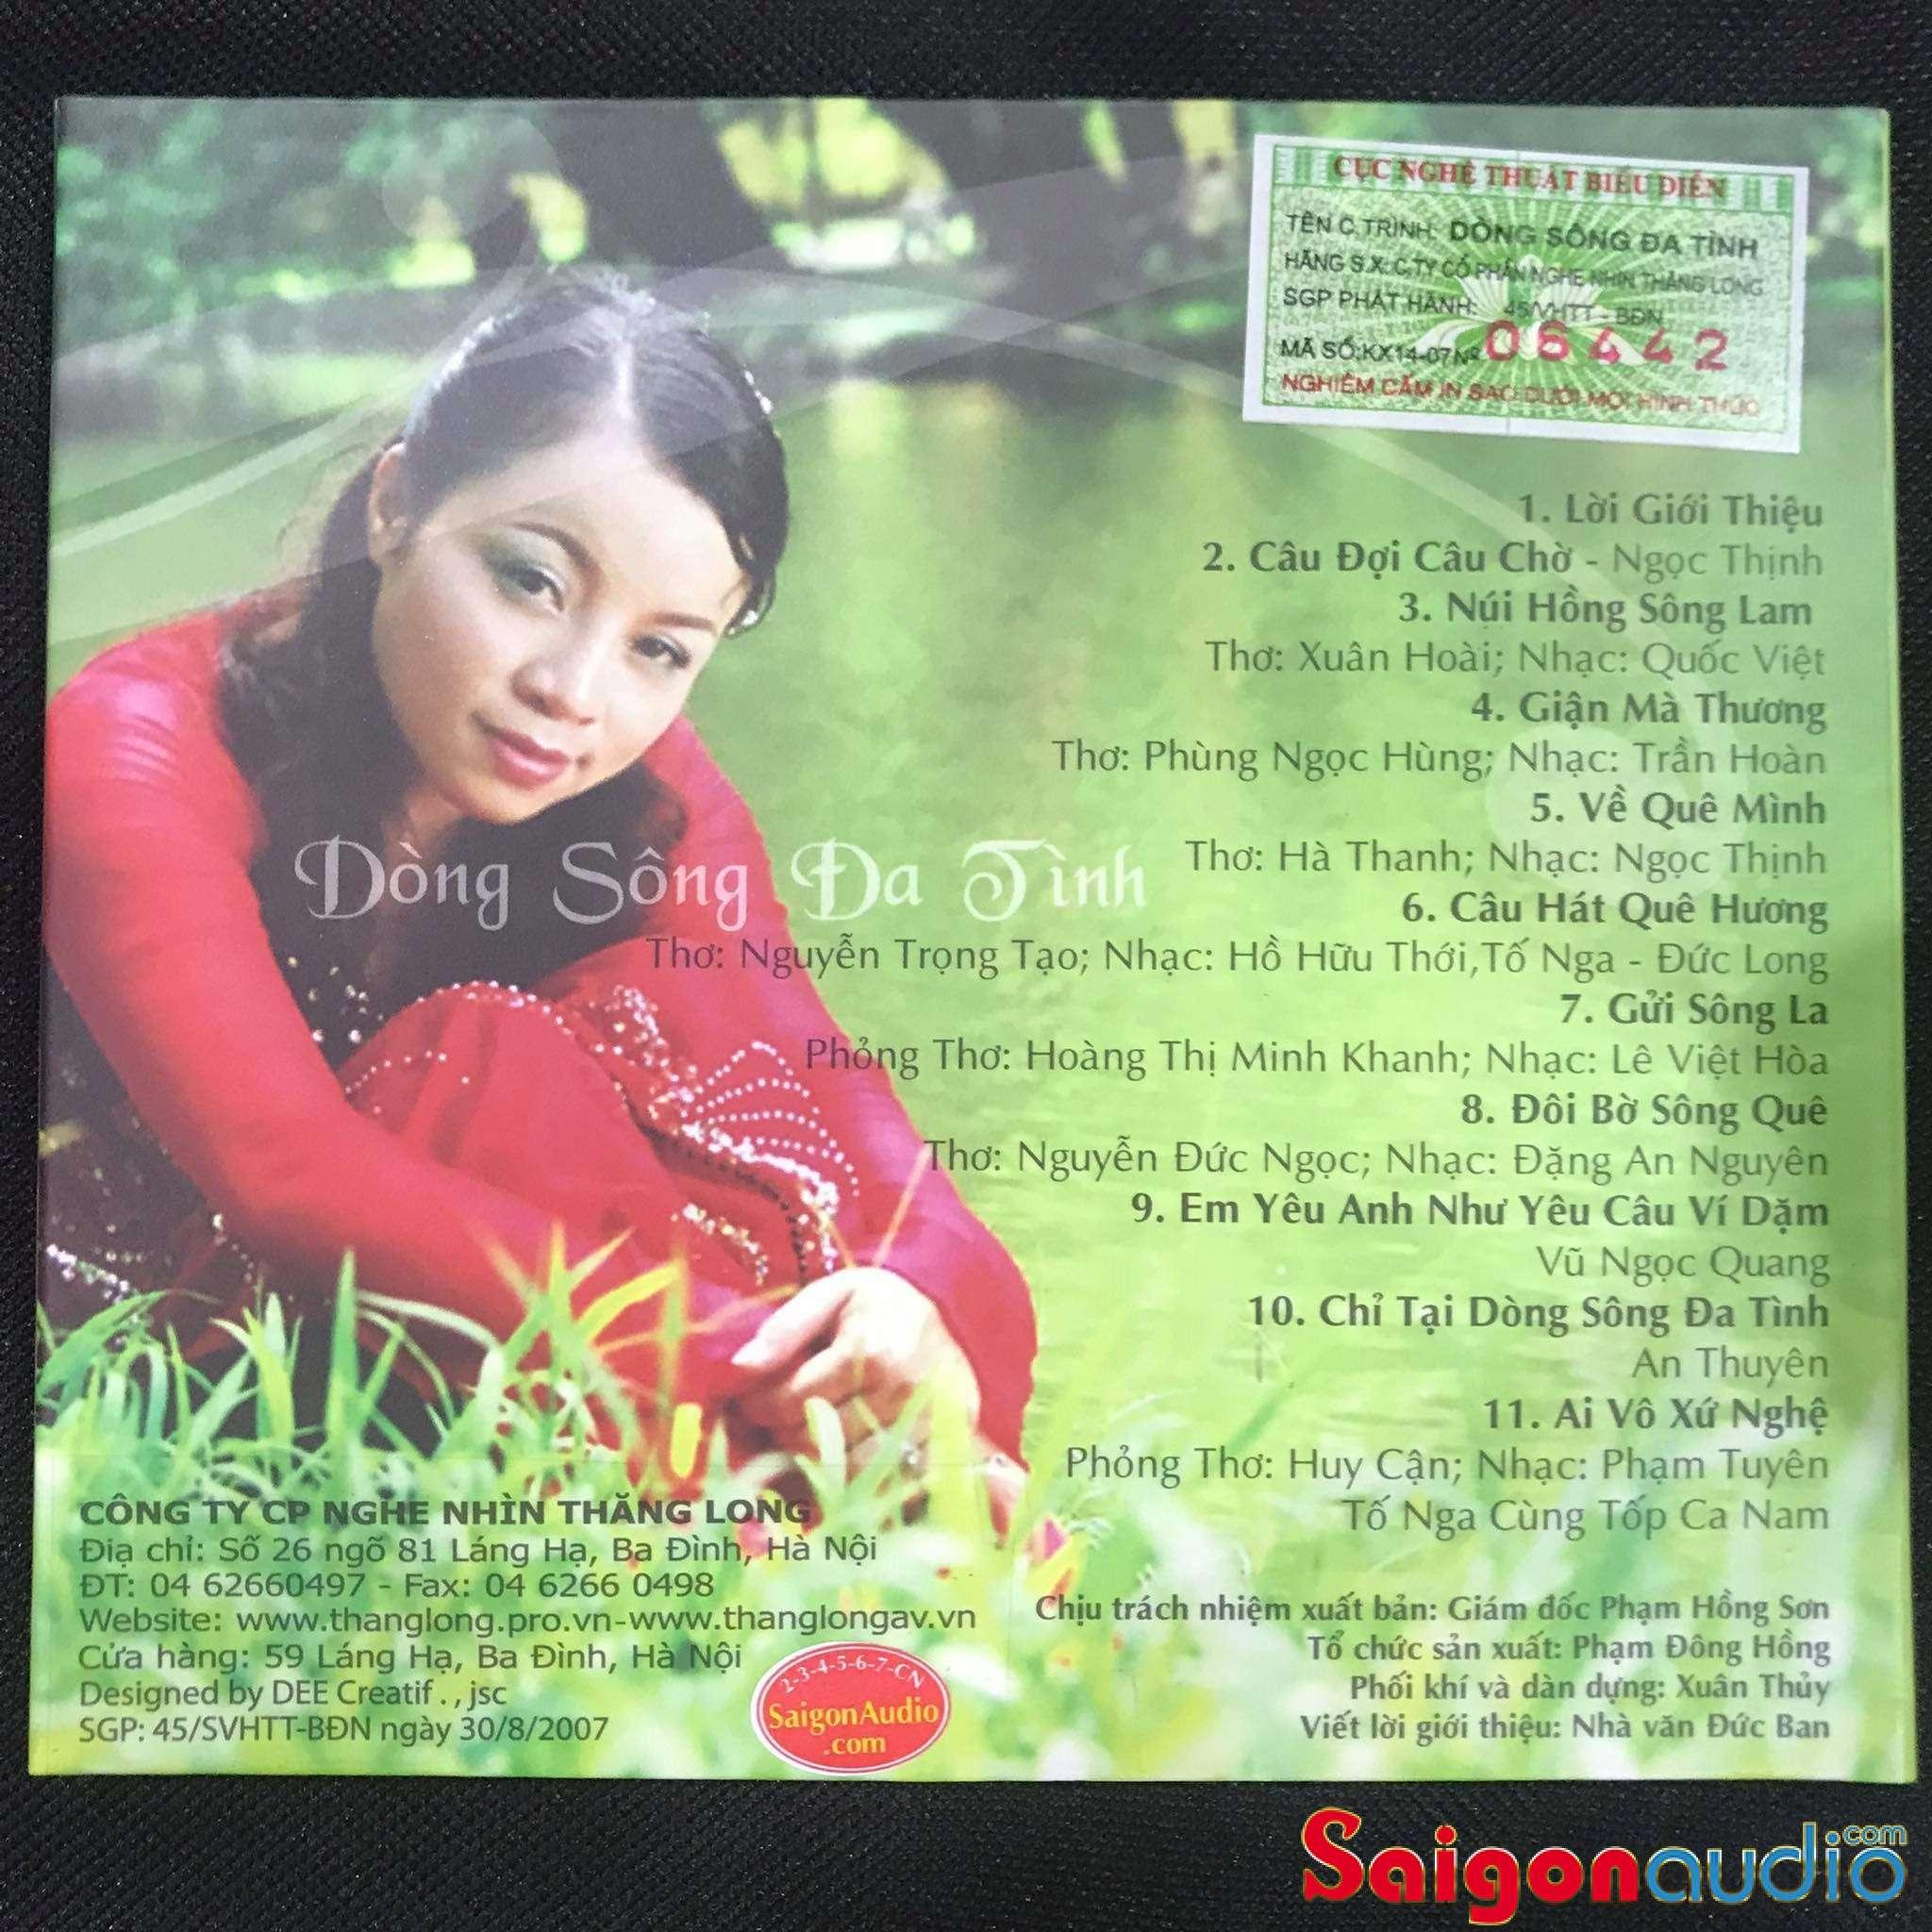 Đĩa CD nhạc gốc Tố Nga - Dòng Sông Đa Tình (Free ship khi mua 2 đĩa CD cùng hoặc khác loại)